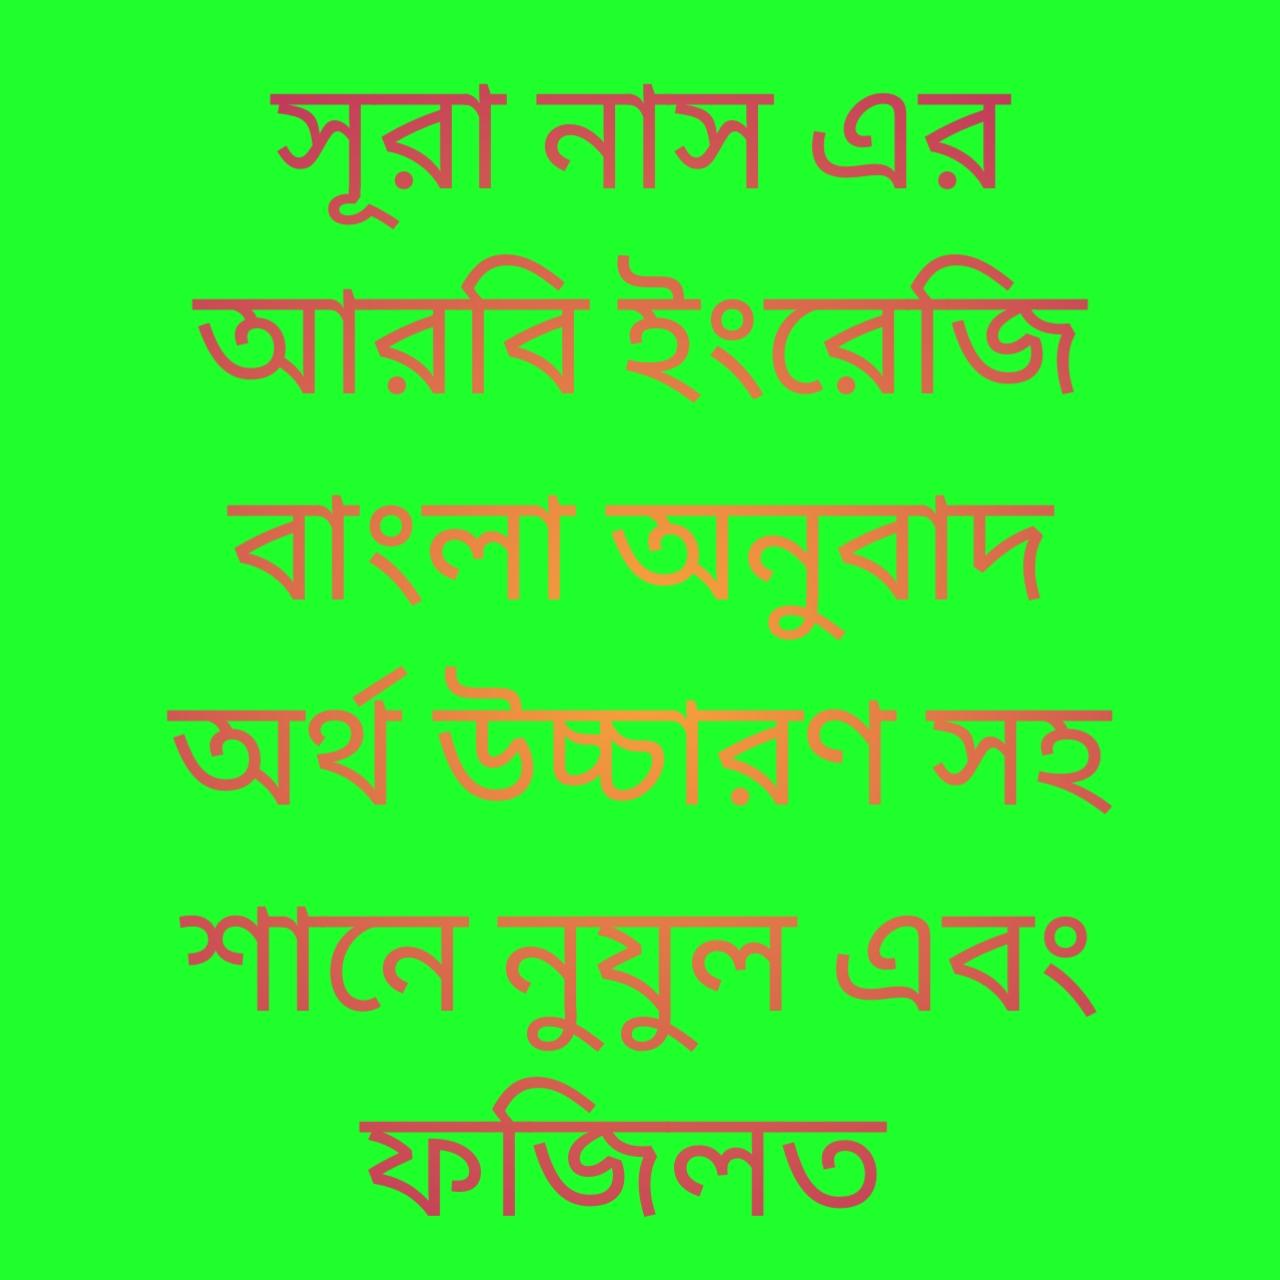 সূরা নাস এর আরবি ইংরেজি বাংলা অনুবাদ অর্থ উচ্চারণ সহ শানে নুযুল এবং ফজিলত Surah Nas's Arabic English Bangla translation meaning with names of nuclear and Fazilat |